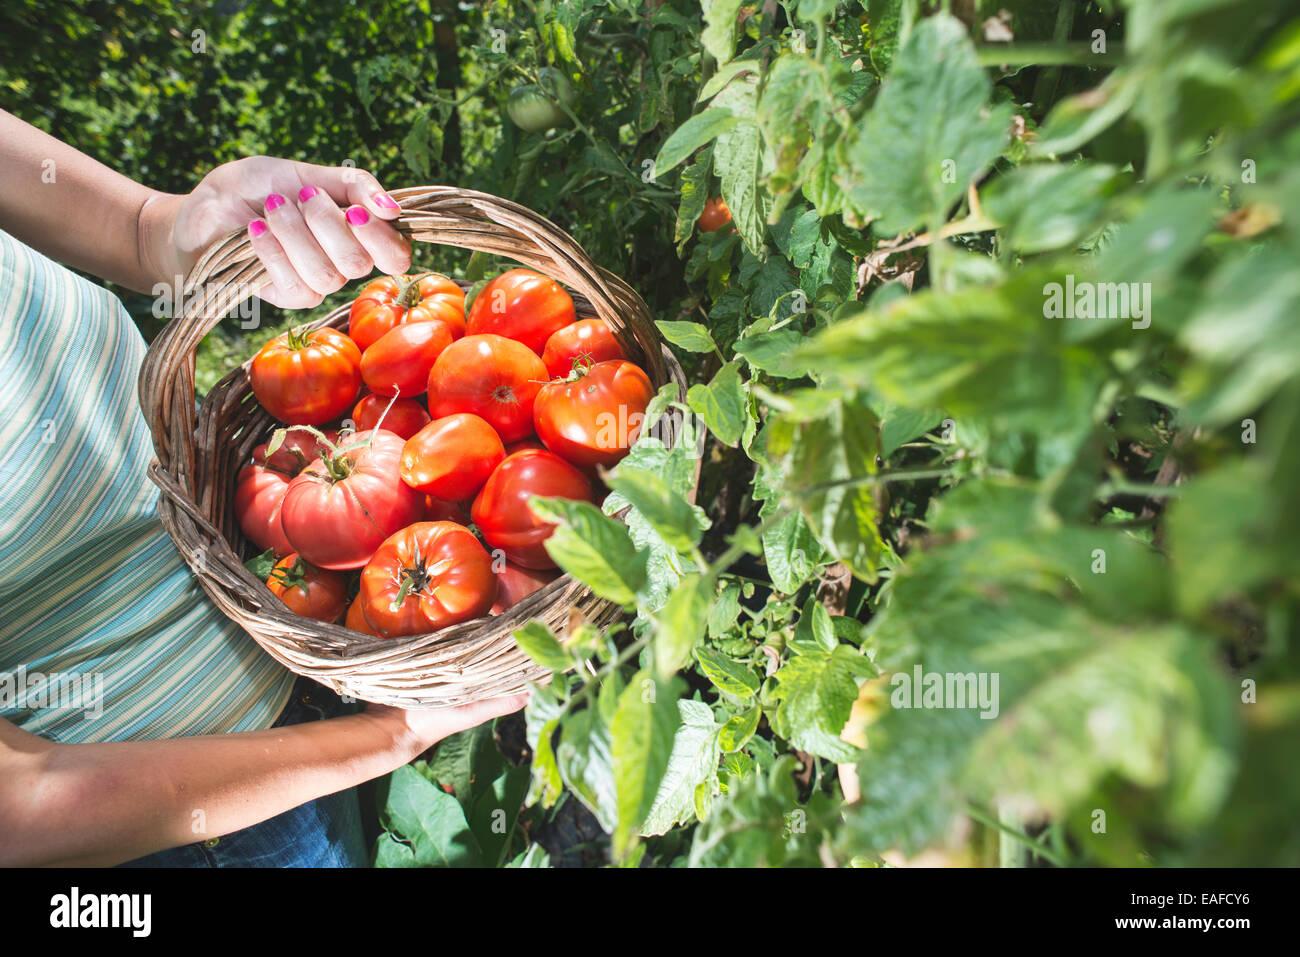 Raccolta di pomodori nel cestello. Giardino privato Immagini Stock